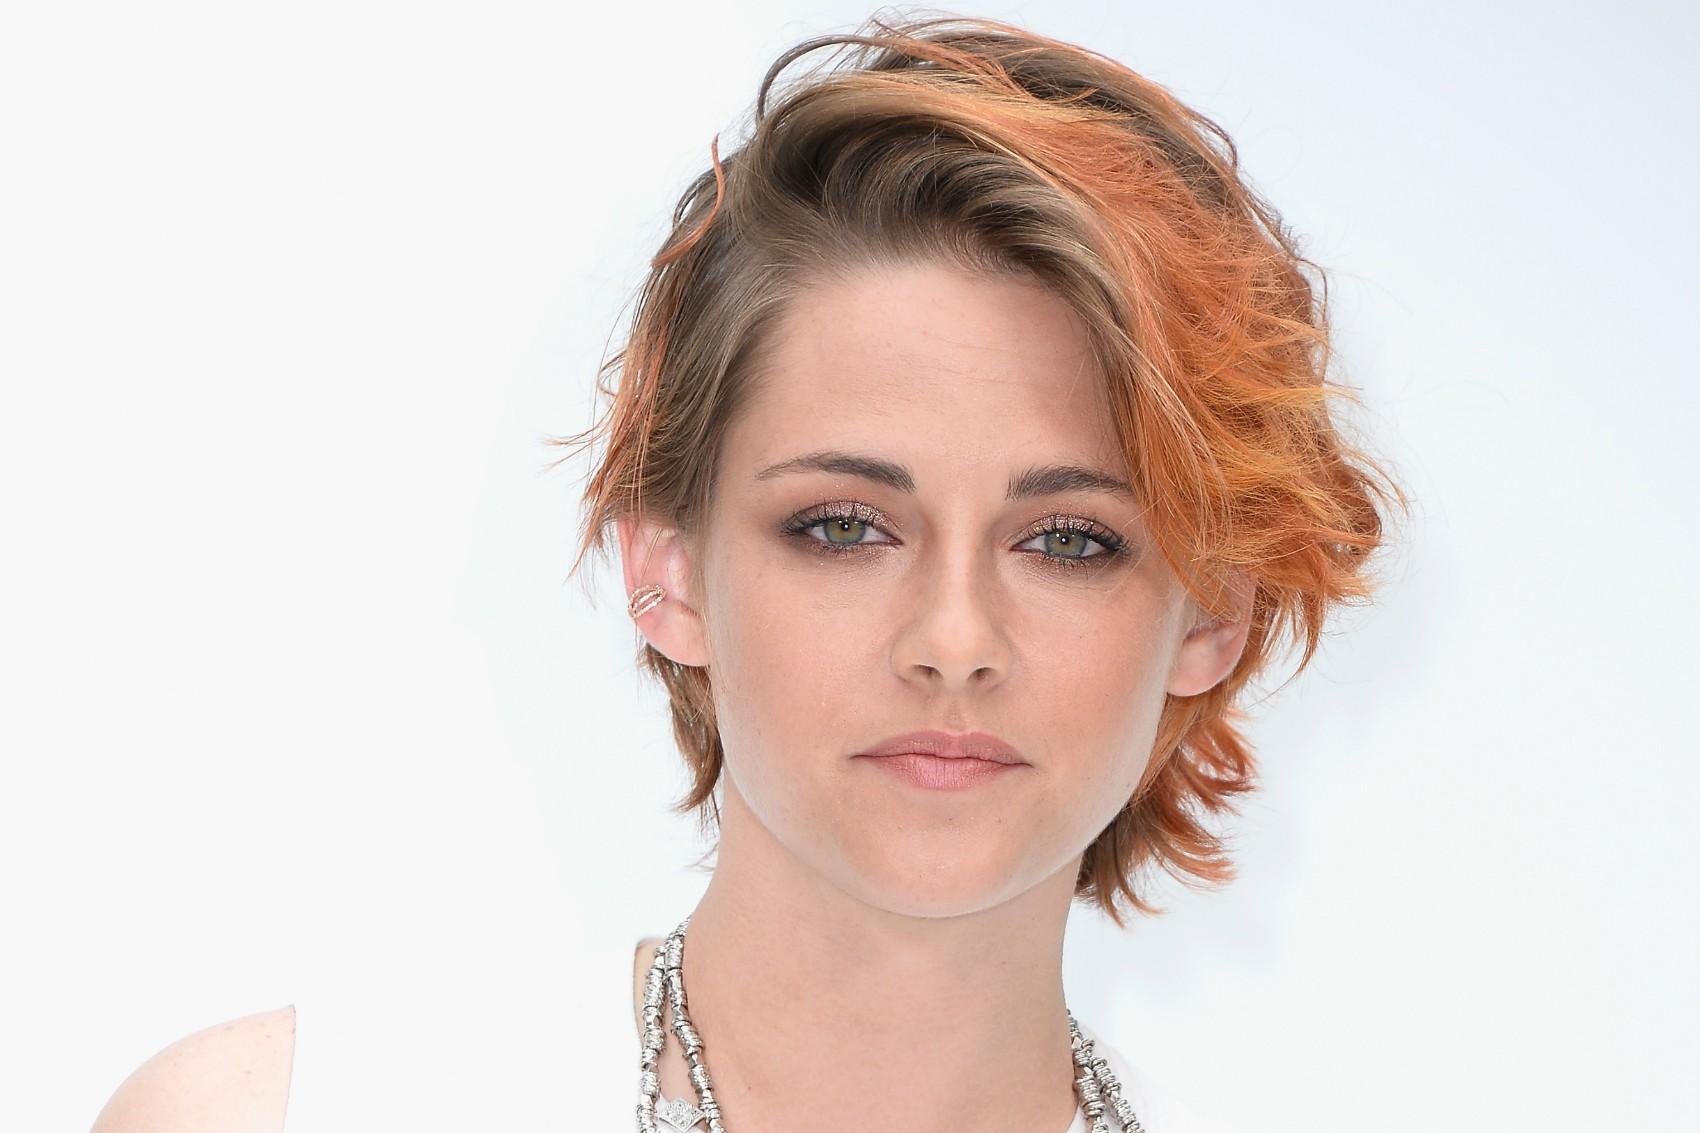 Kristen Stewart traiu o namorado, Robert Pattinson, com Rupert Sanders, que a dirigia em 'Branca de Neve e o Caçador'. (Foto: Getty Images)